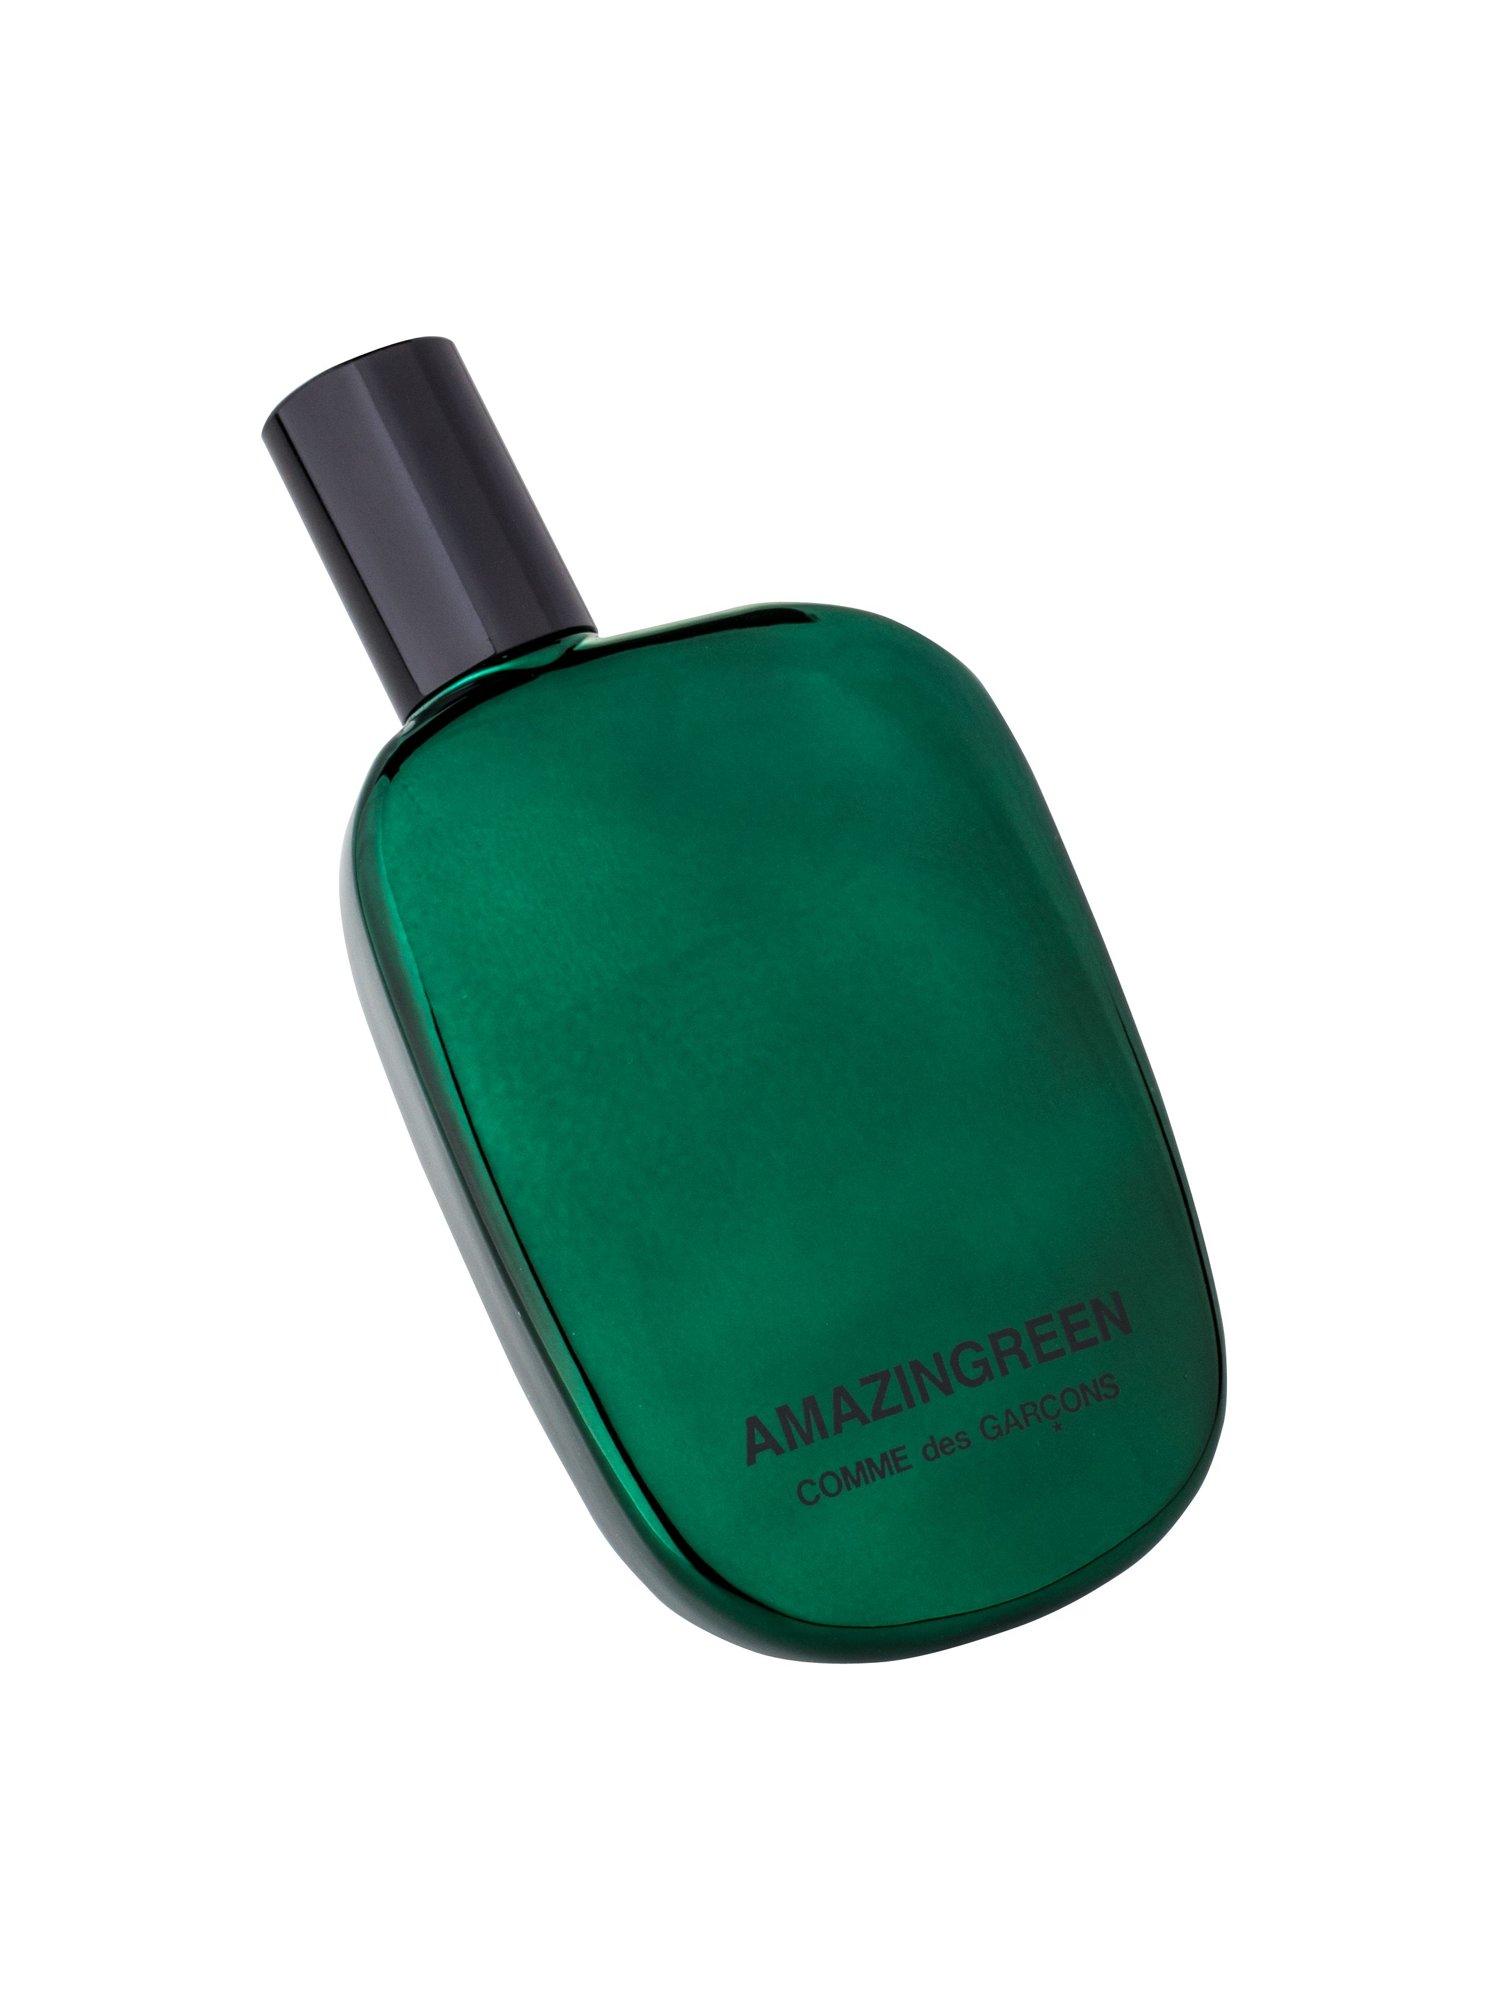 COMME des GARCONS Amazingreen Eau de Parfum 50ml